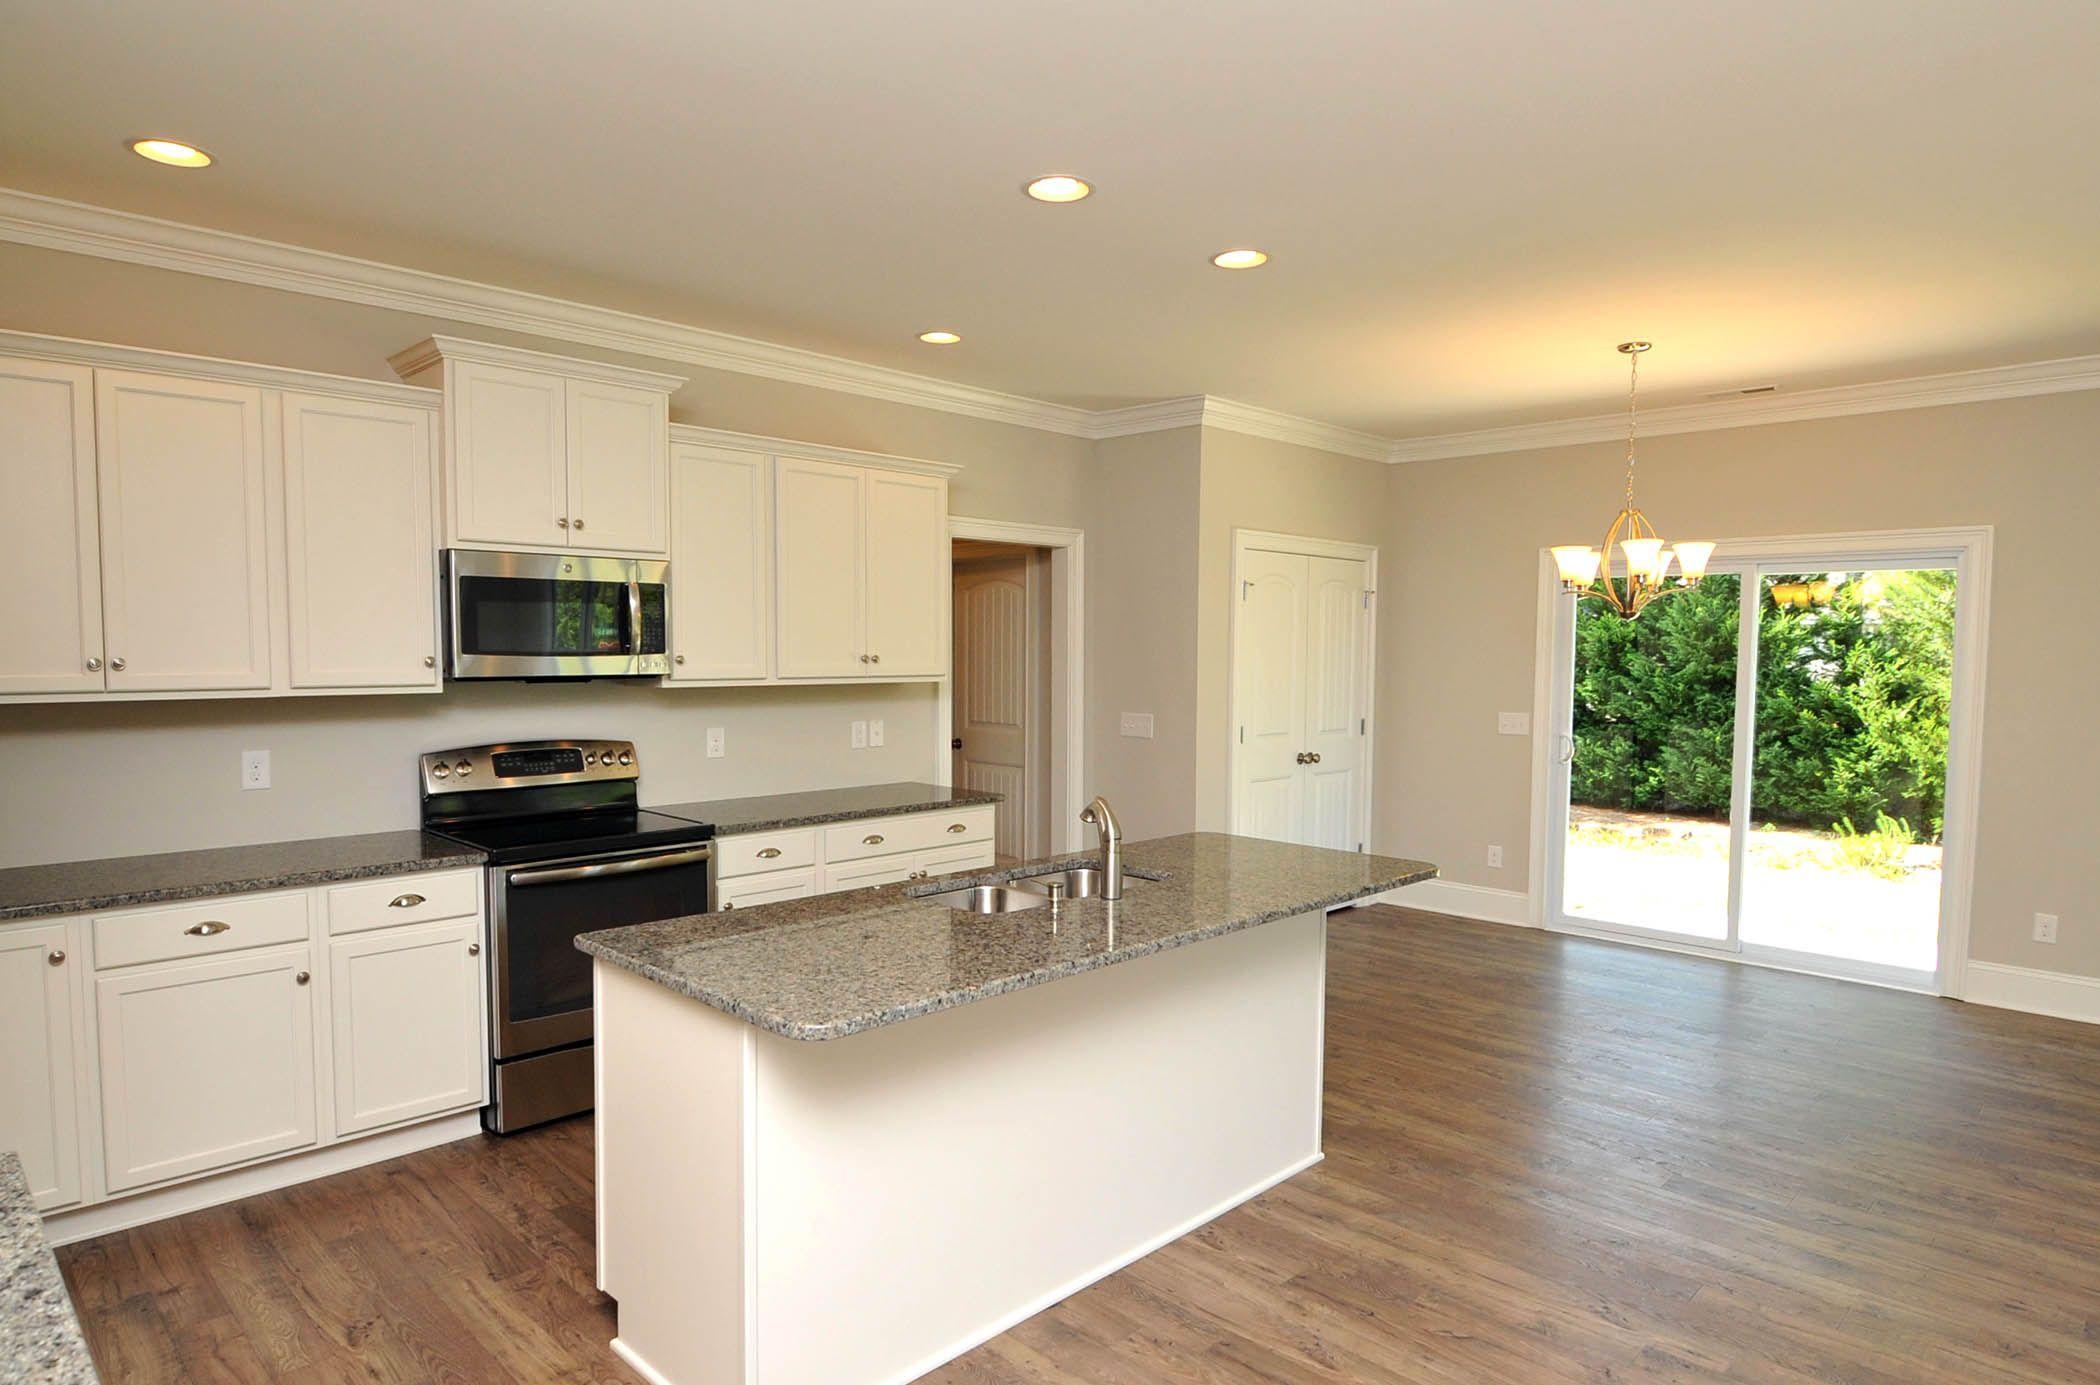 currituck kitchen and breakfast nook kitchen breakfast nook home on kitchen nook id=12315